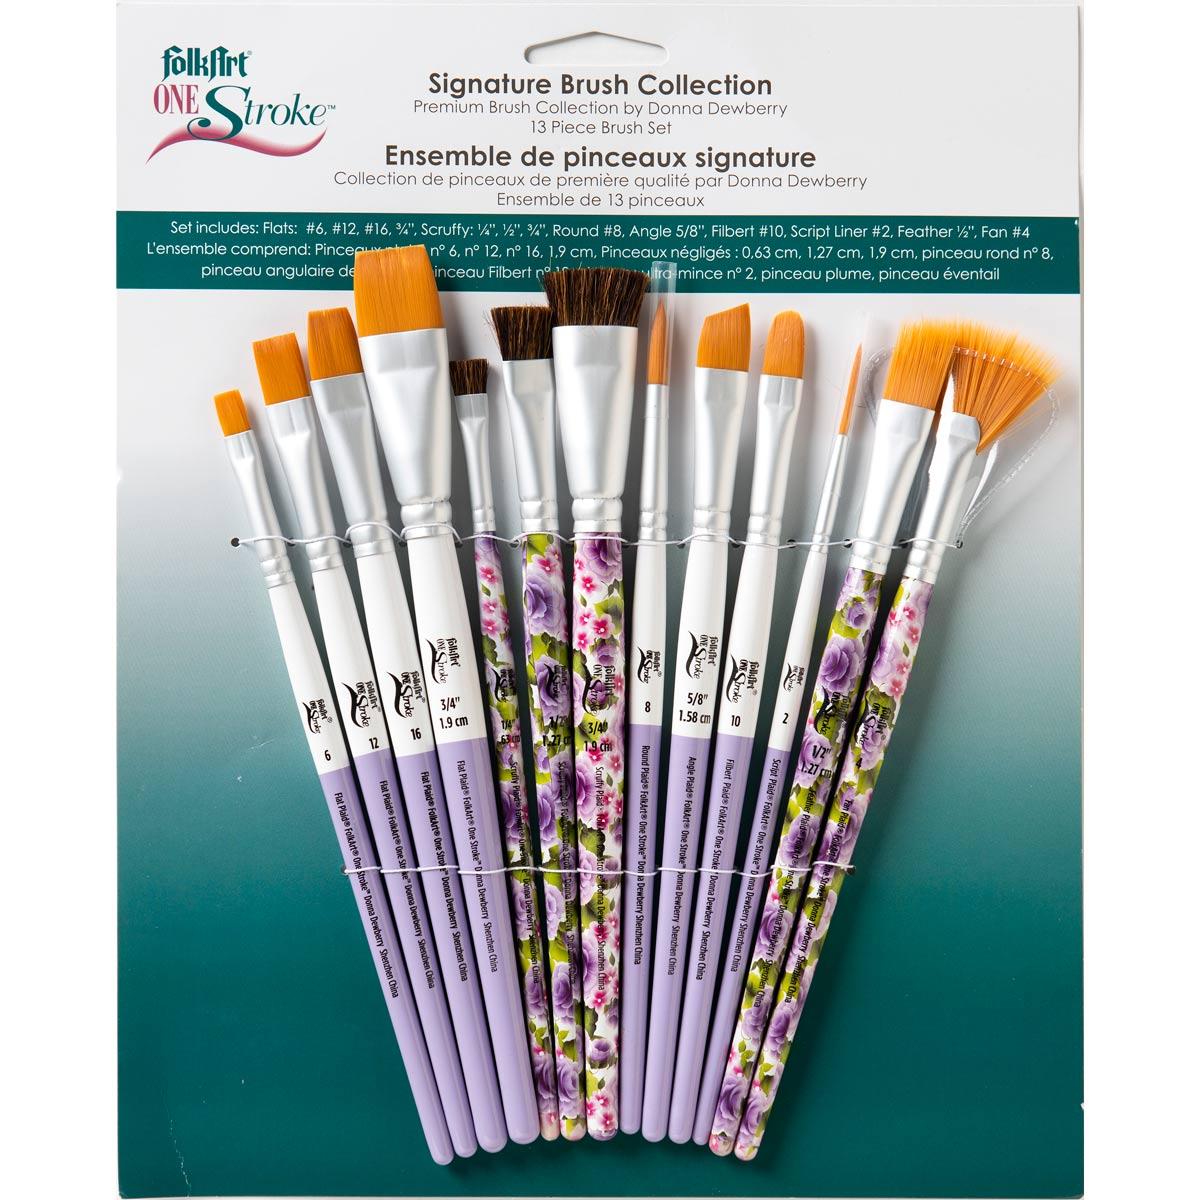 FolkArt ® One Stroke™ Brushes - Brush Sets - Signature Set